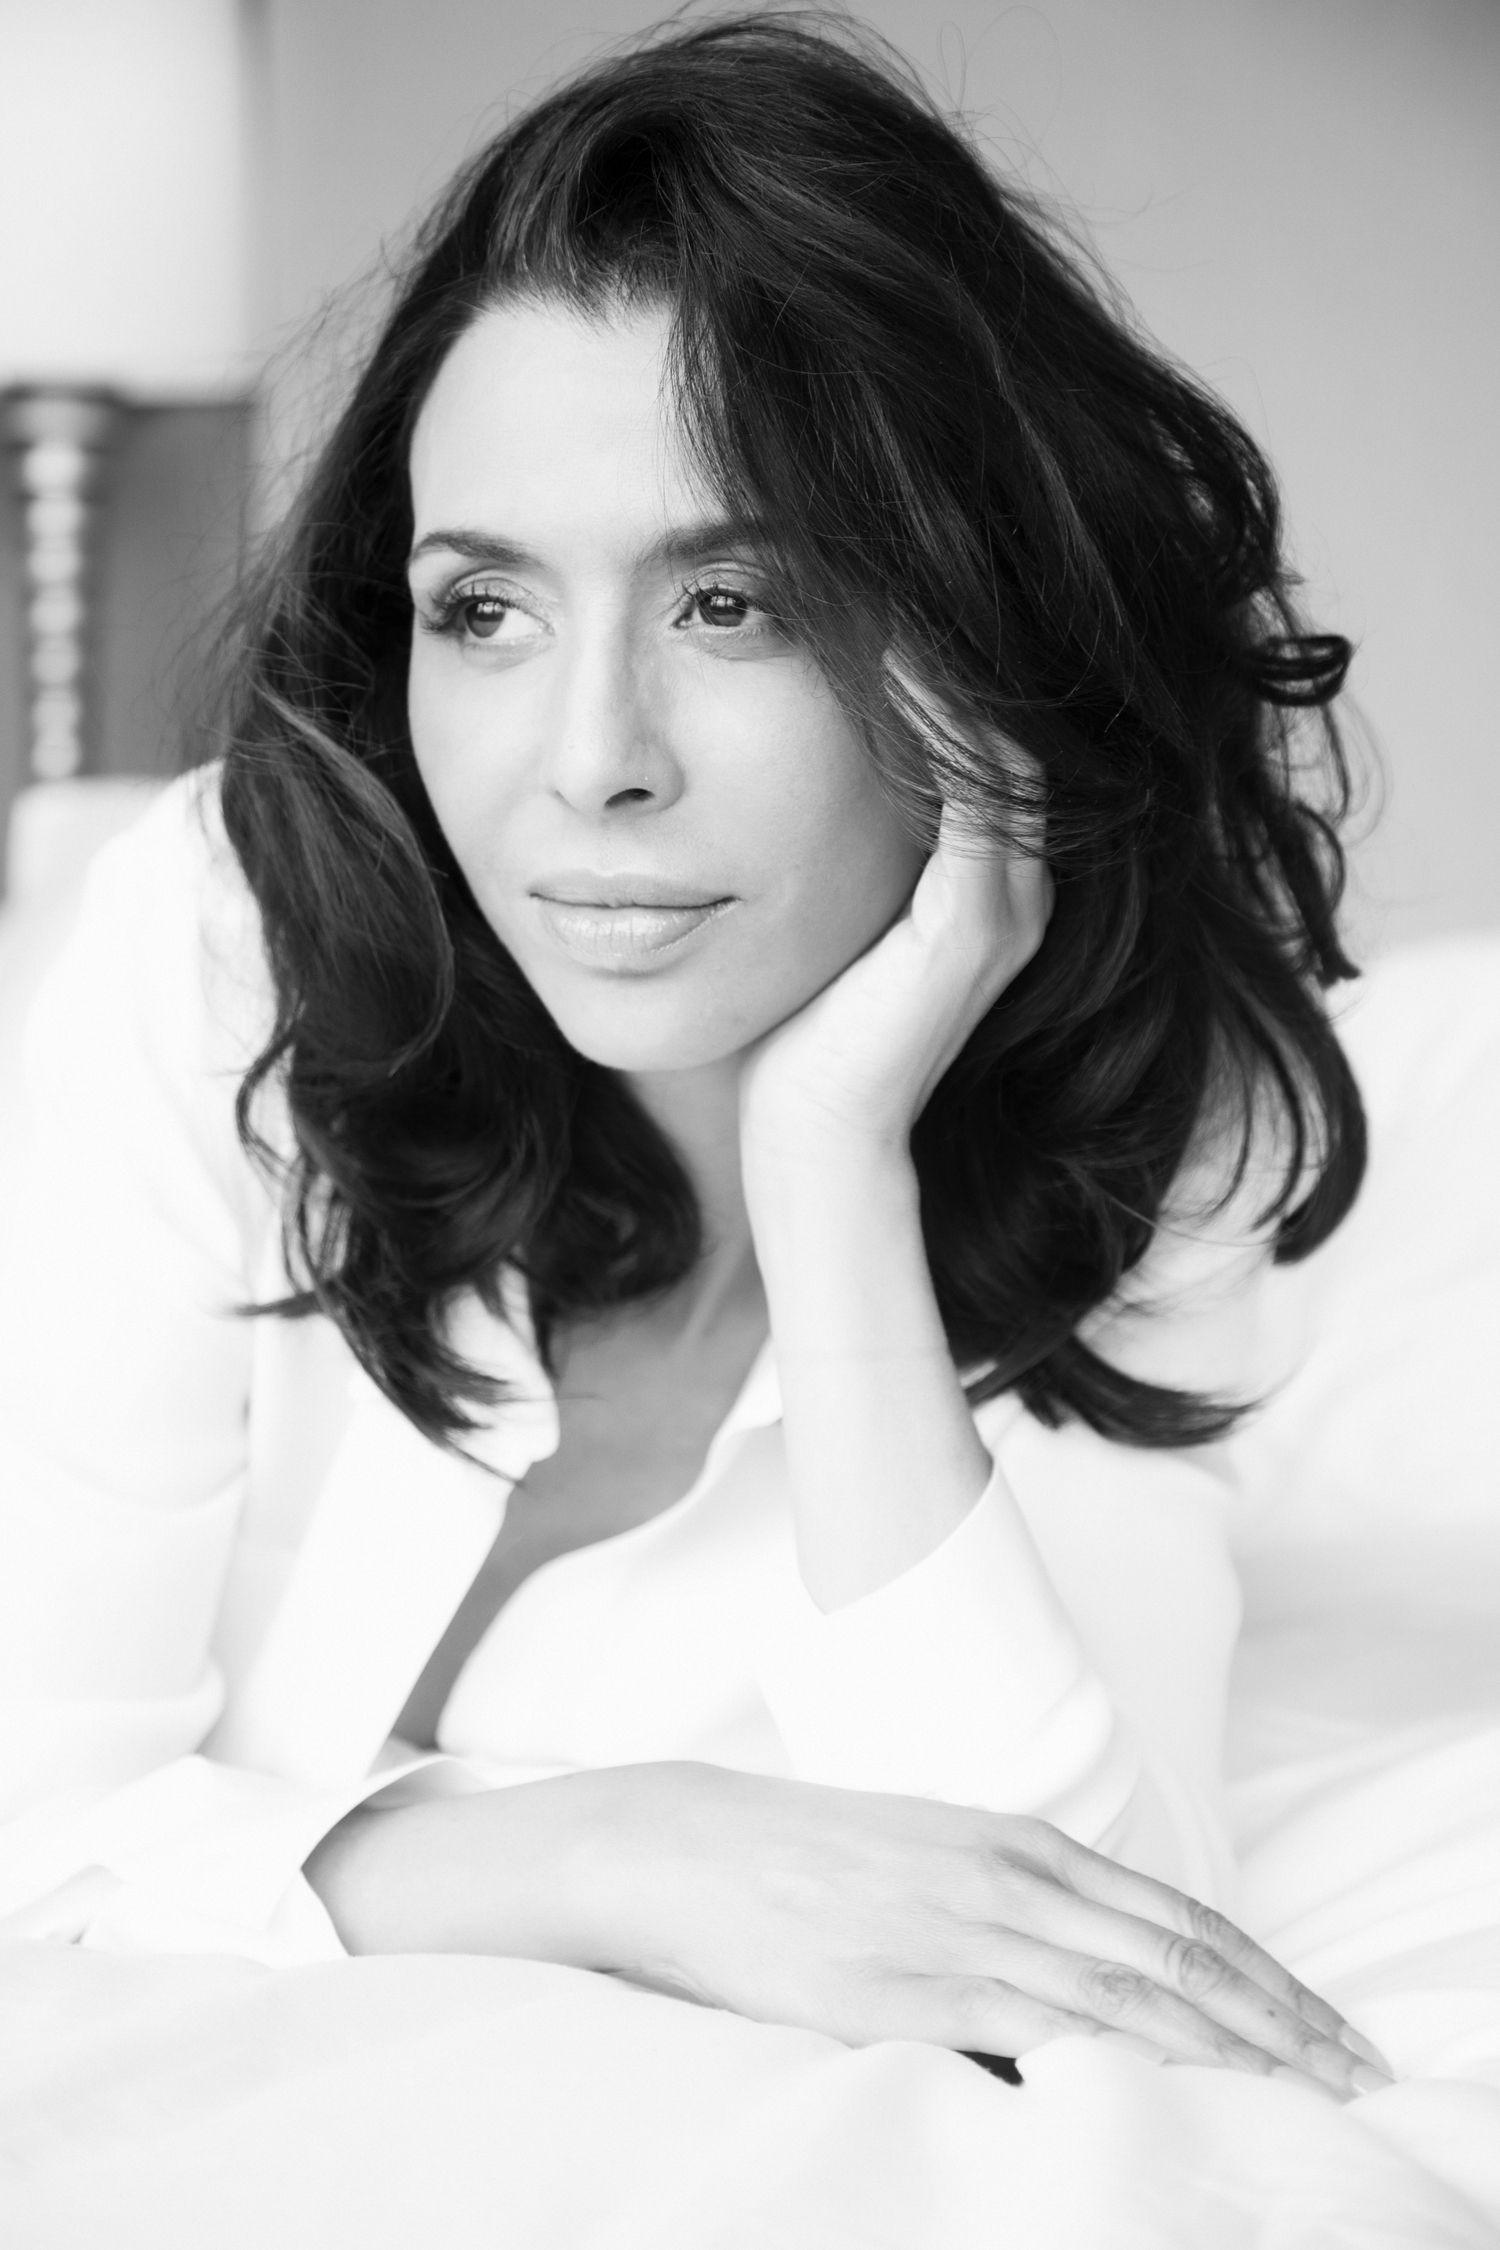 Drena De Niro American Actress, Model, DJ, Fashion Consultant, Filmmaker